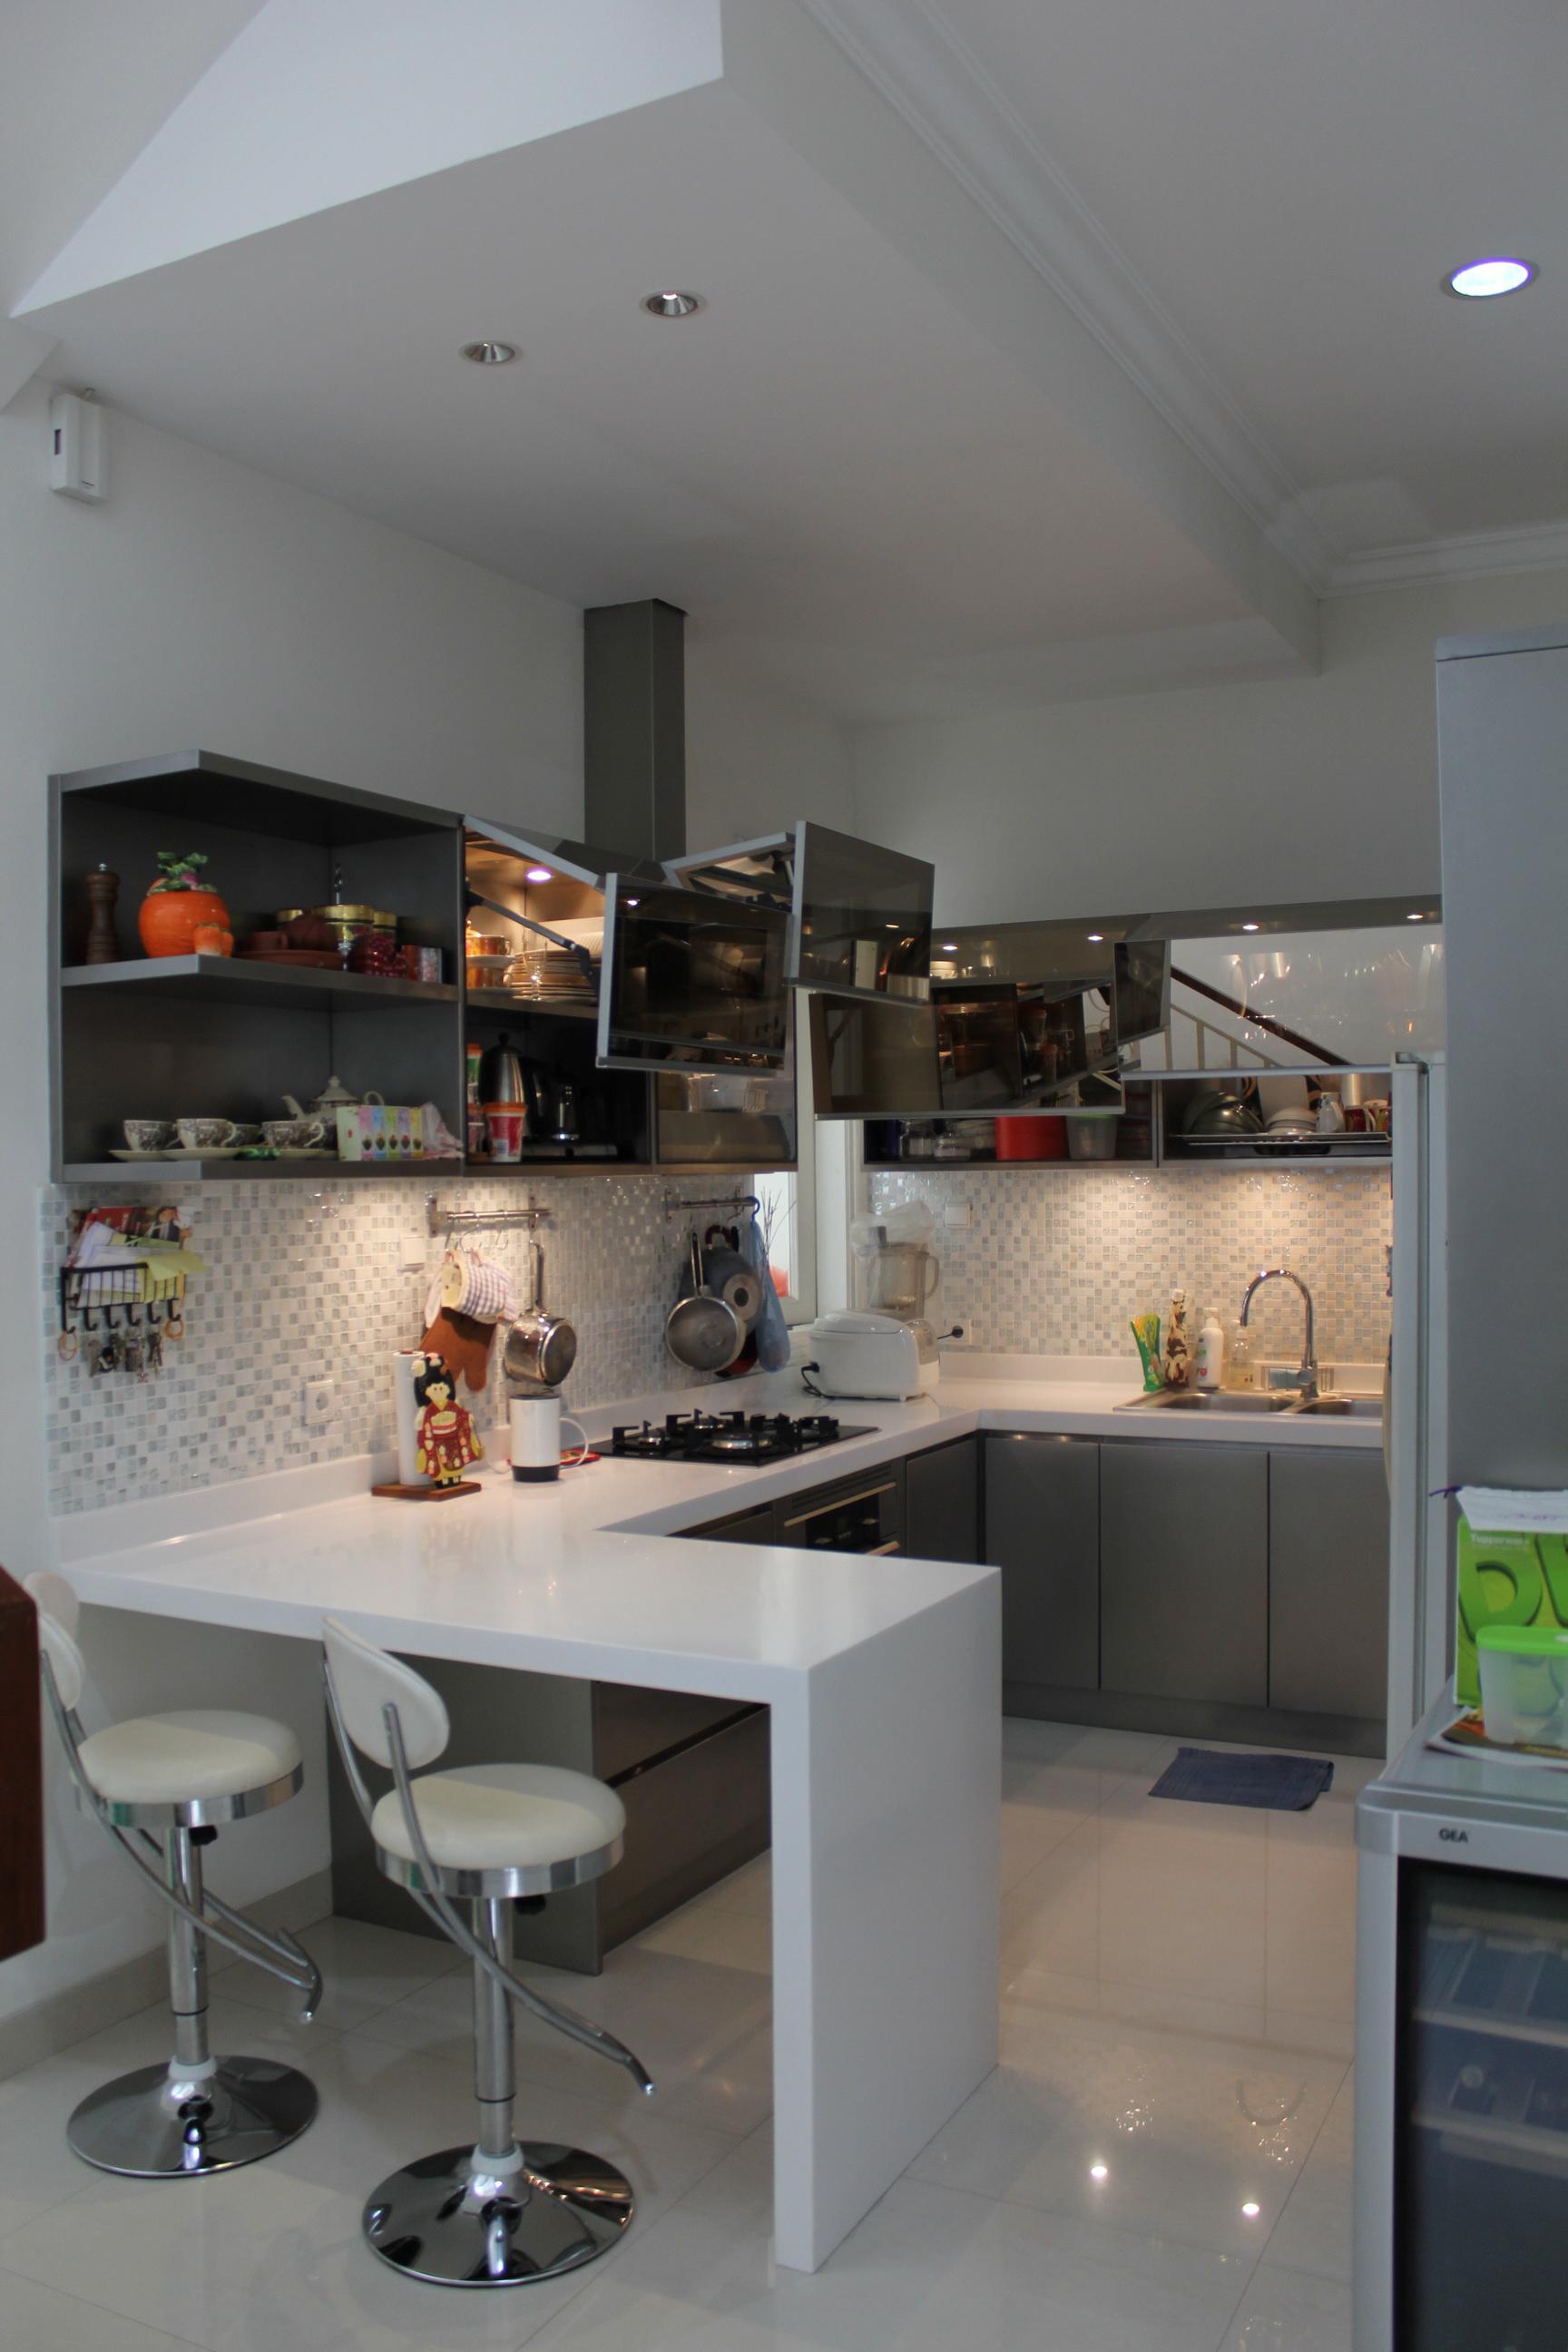 Kitchen set minimalis kitchen set aluminium kitchen set sederhana kitchen set minimalis modern 2015 2016 kitchen set semarang kitchen set surabaya